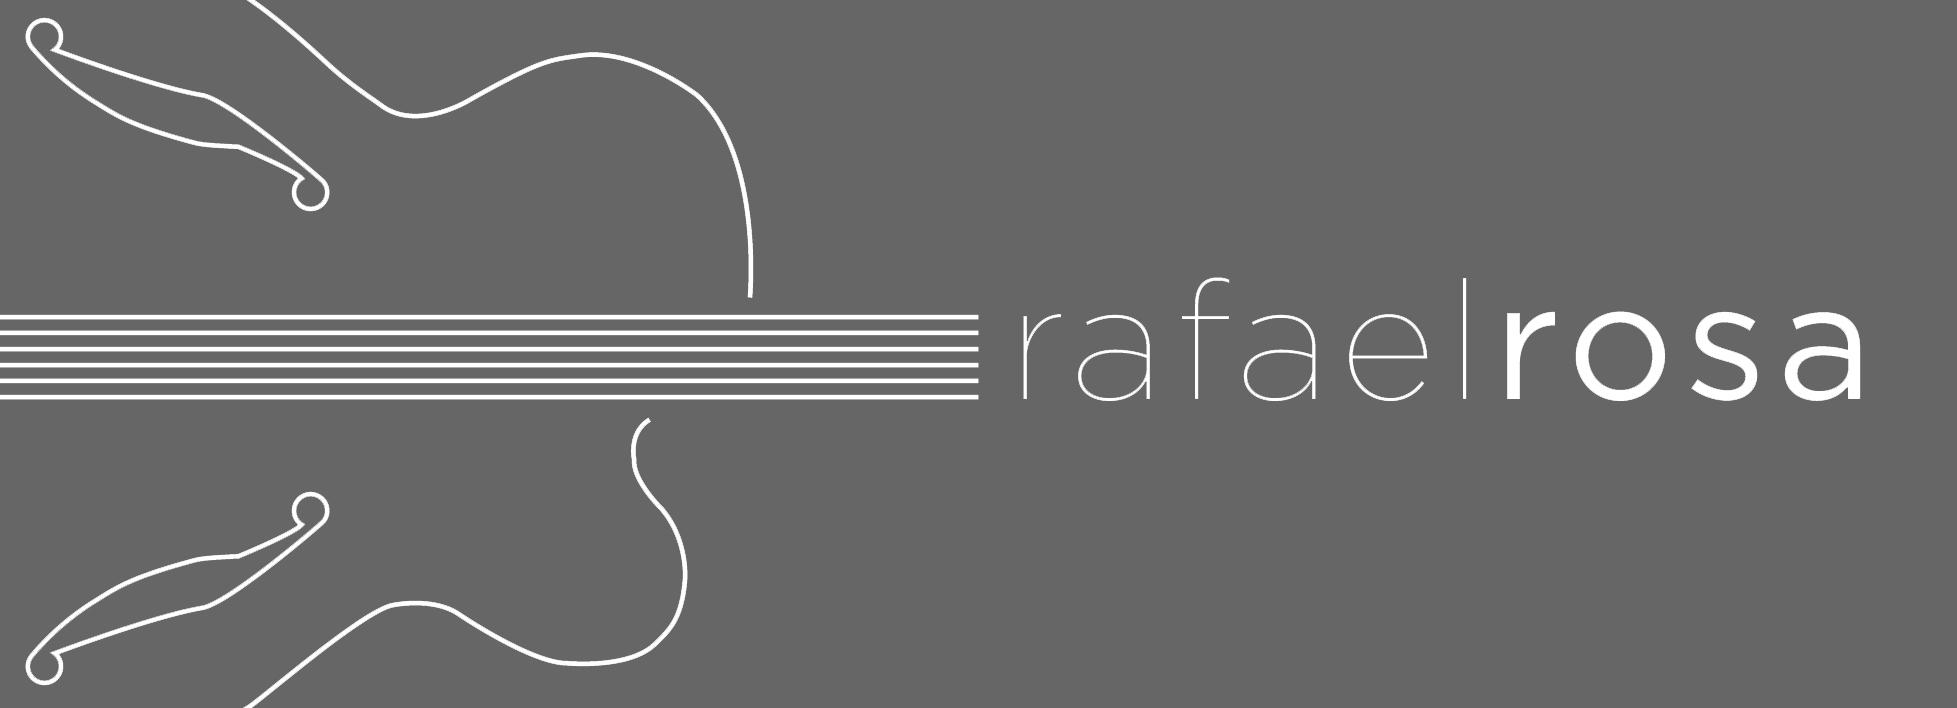 RafaelRosa_Logo_2.23.15